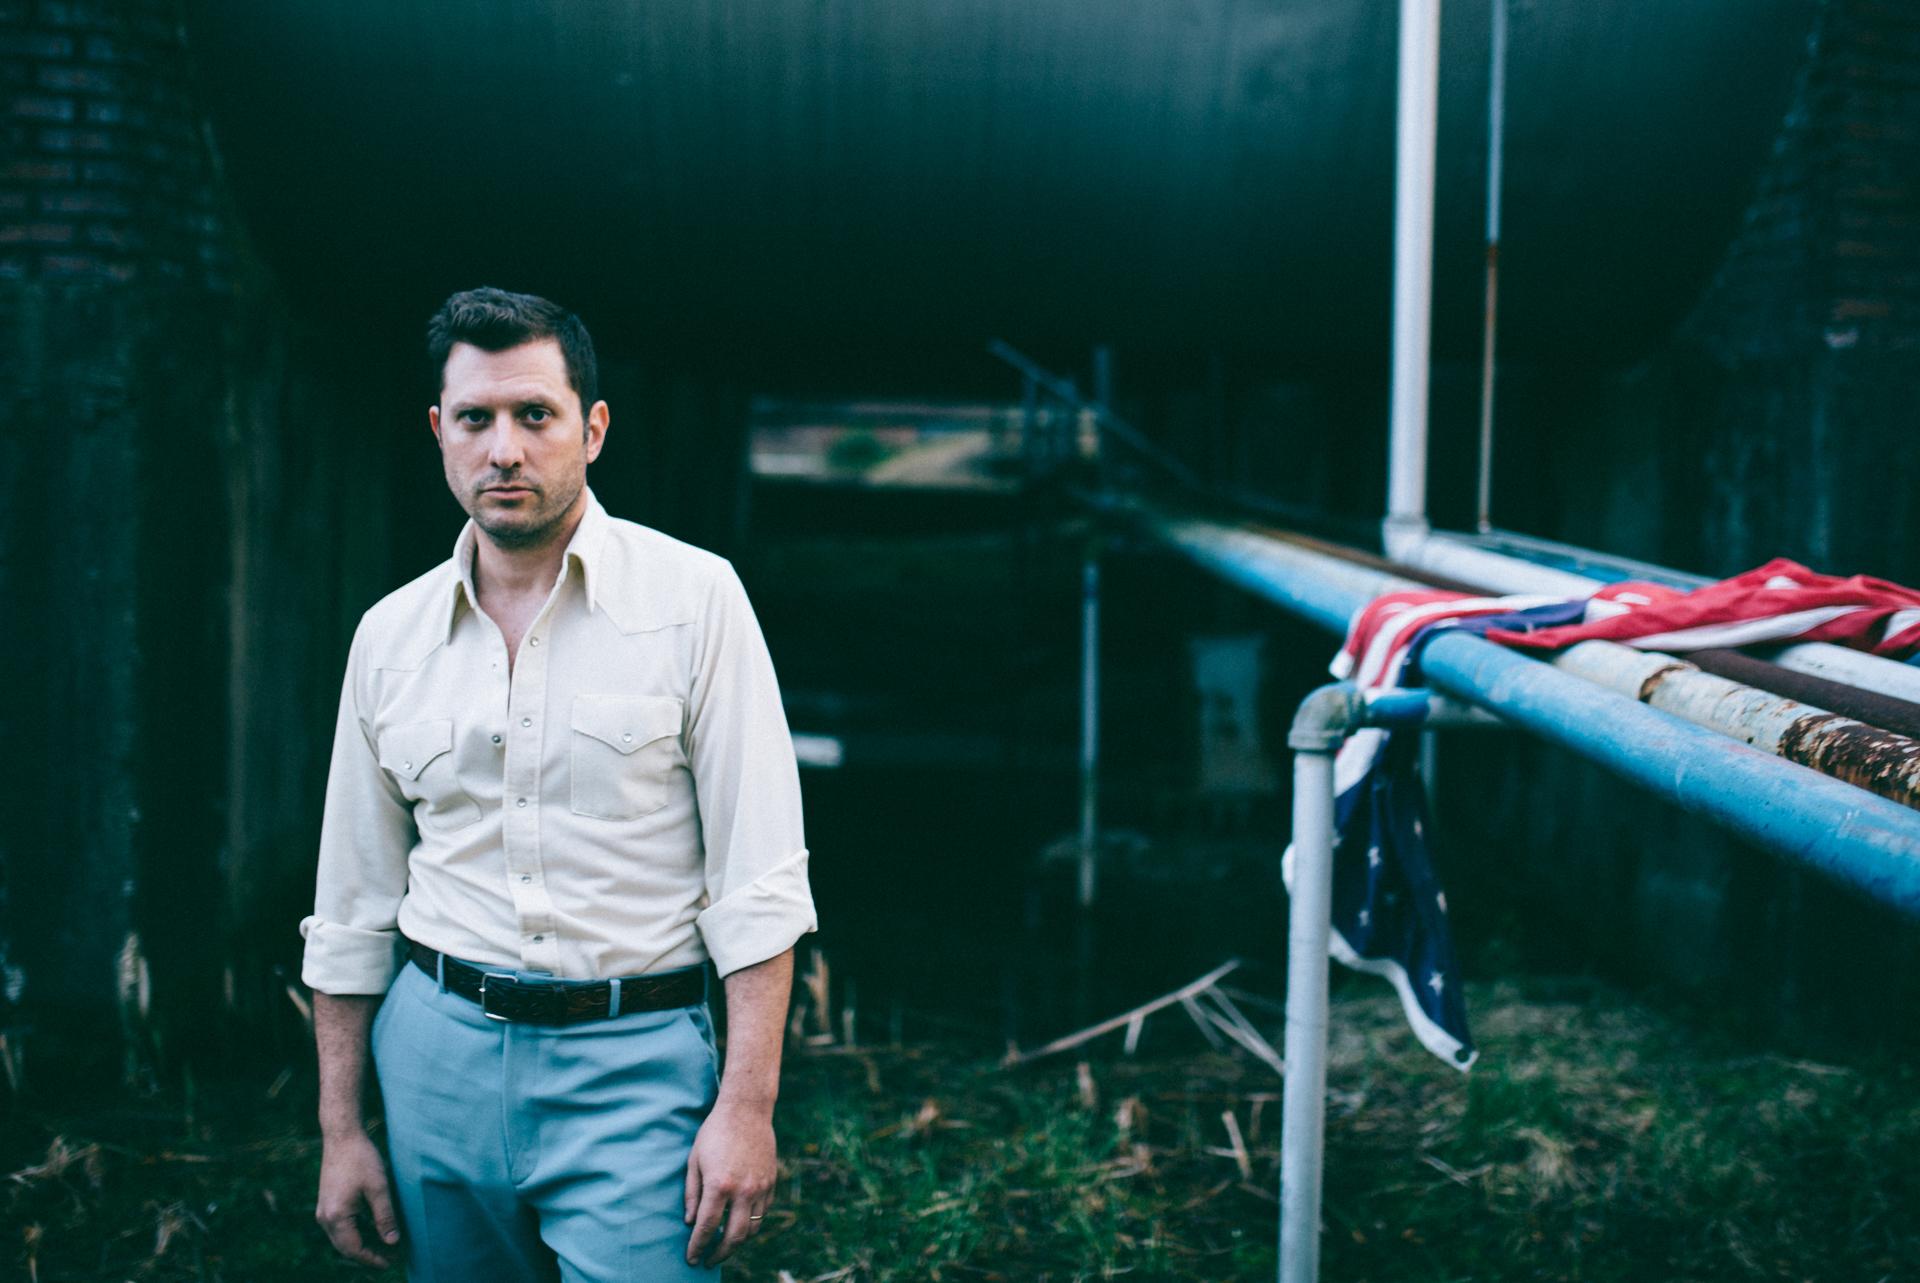 Jason-kutchma-musician-photography-56.jpg